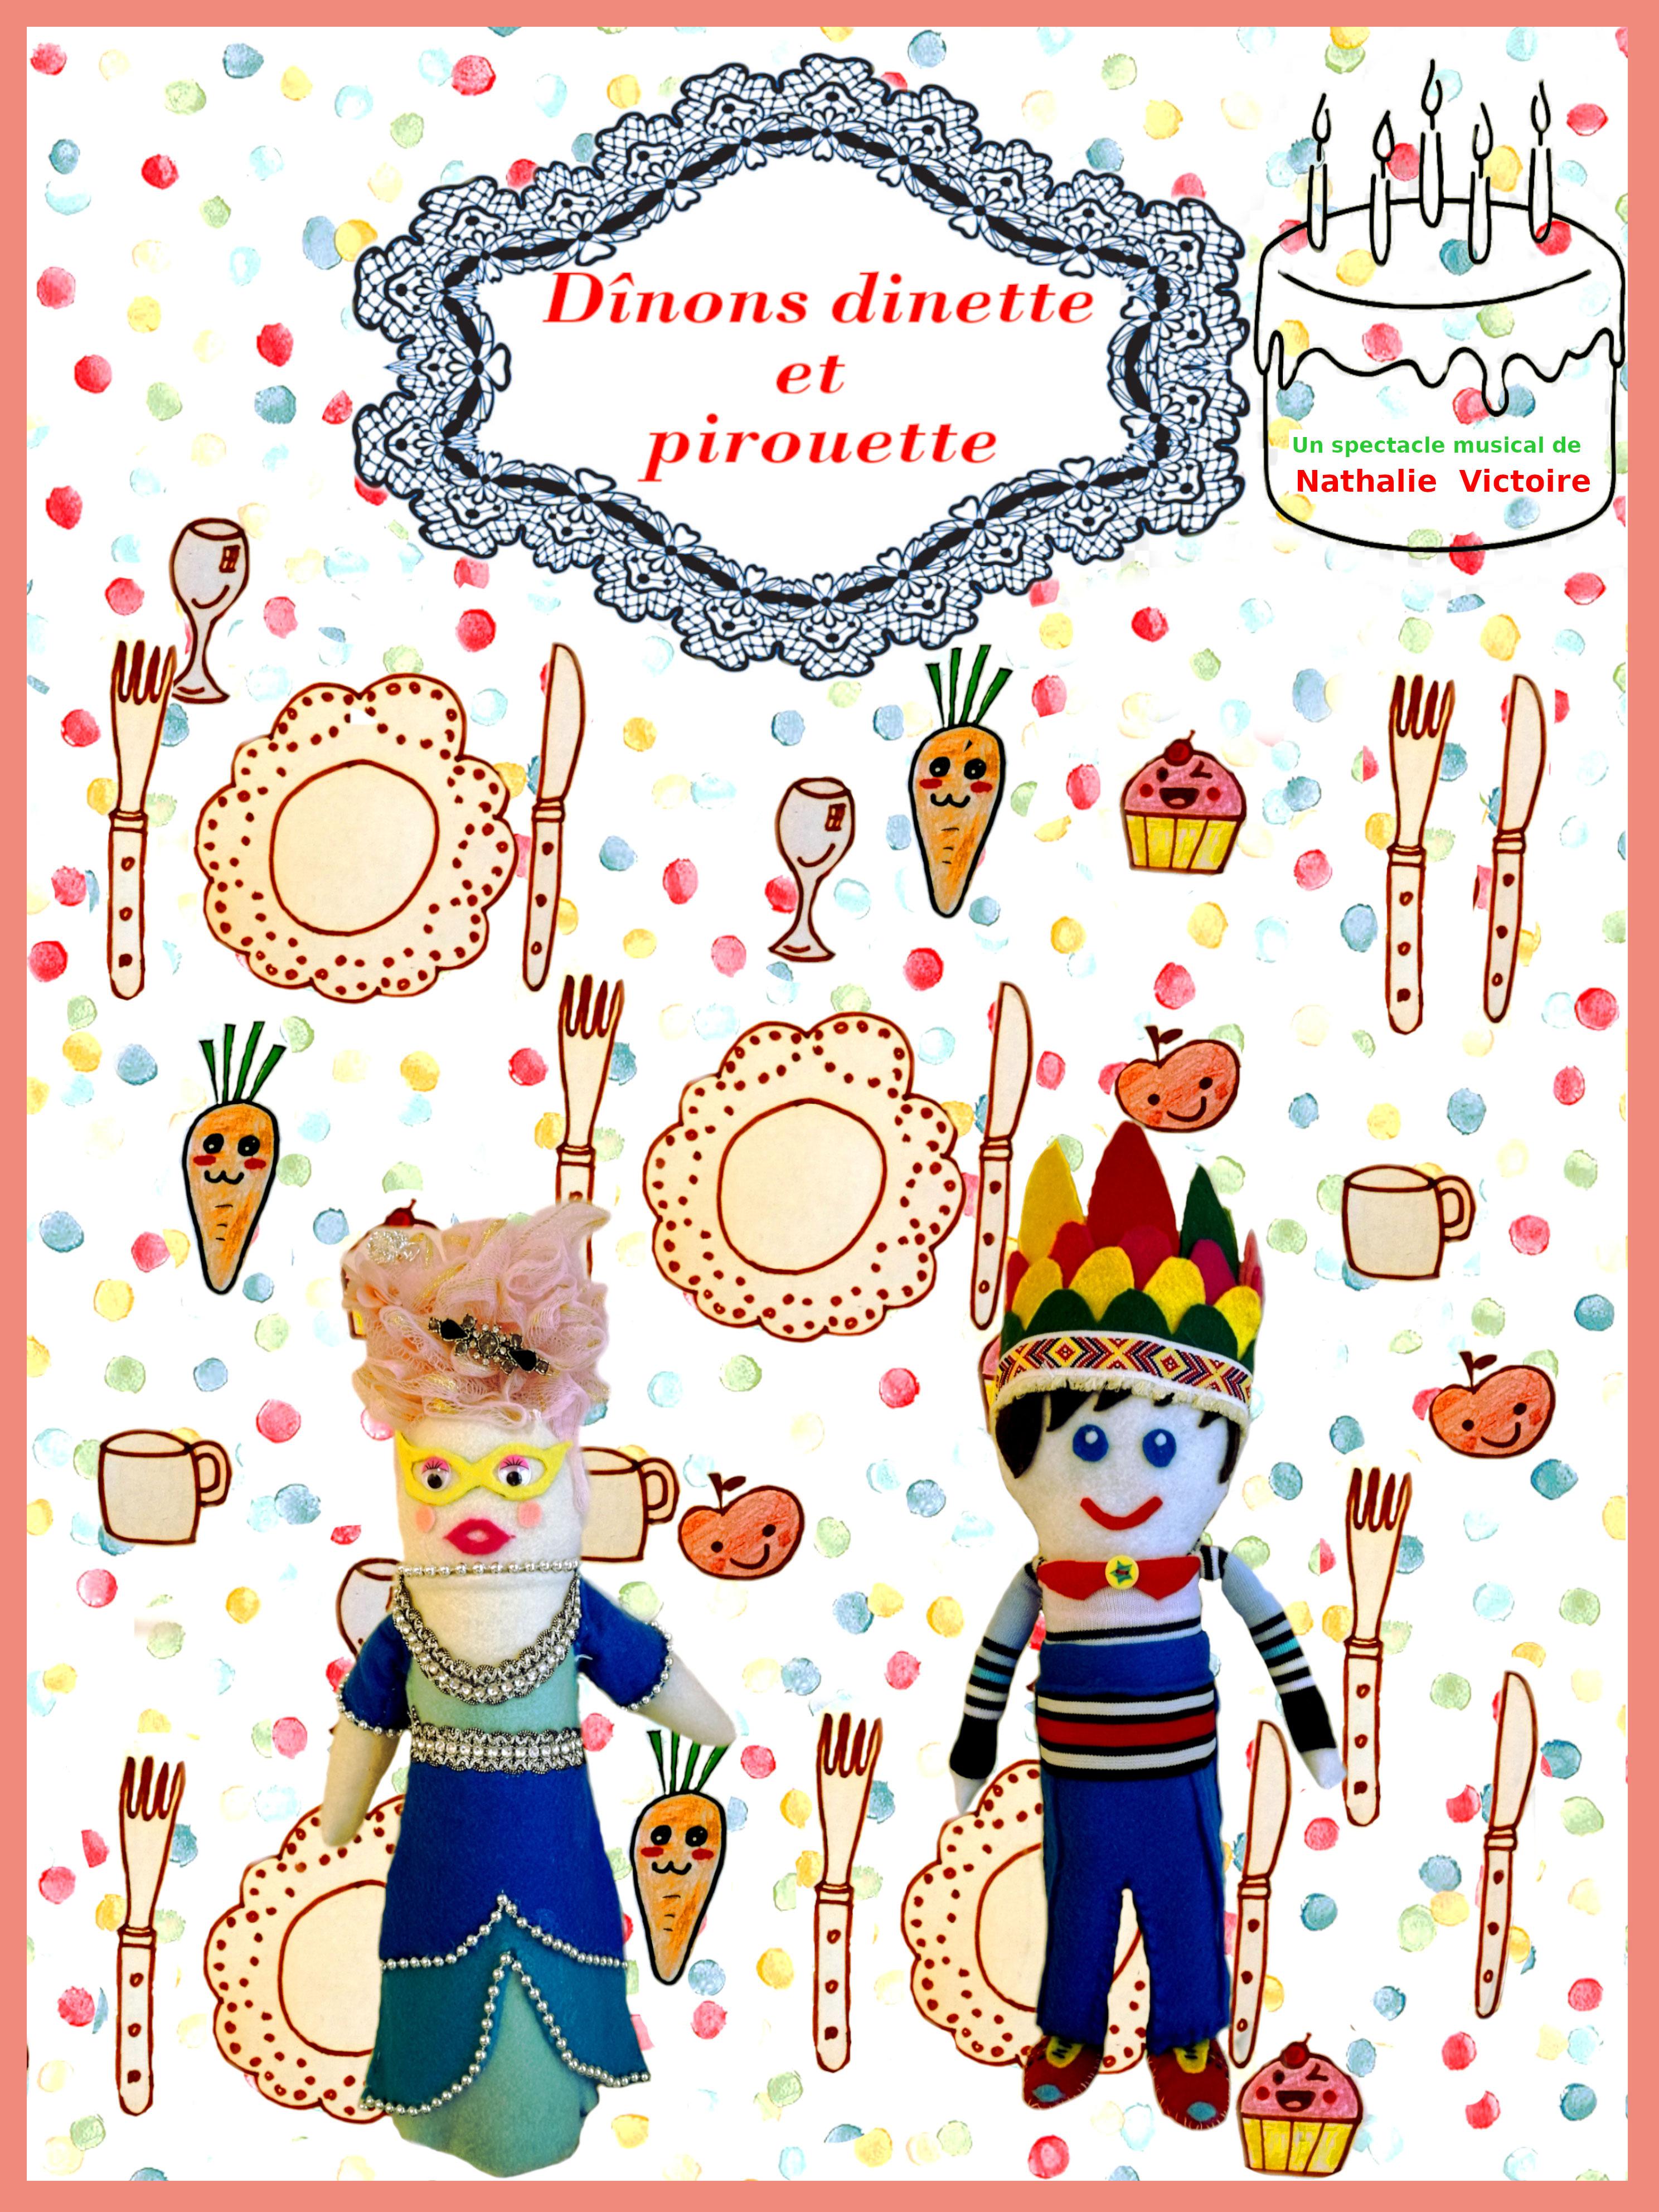 Spectacles Très Jeune Public De 6 Mois À 3 Ans - Art En encequiconcerne Les Petites Marionnettes Chanson